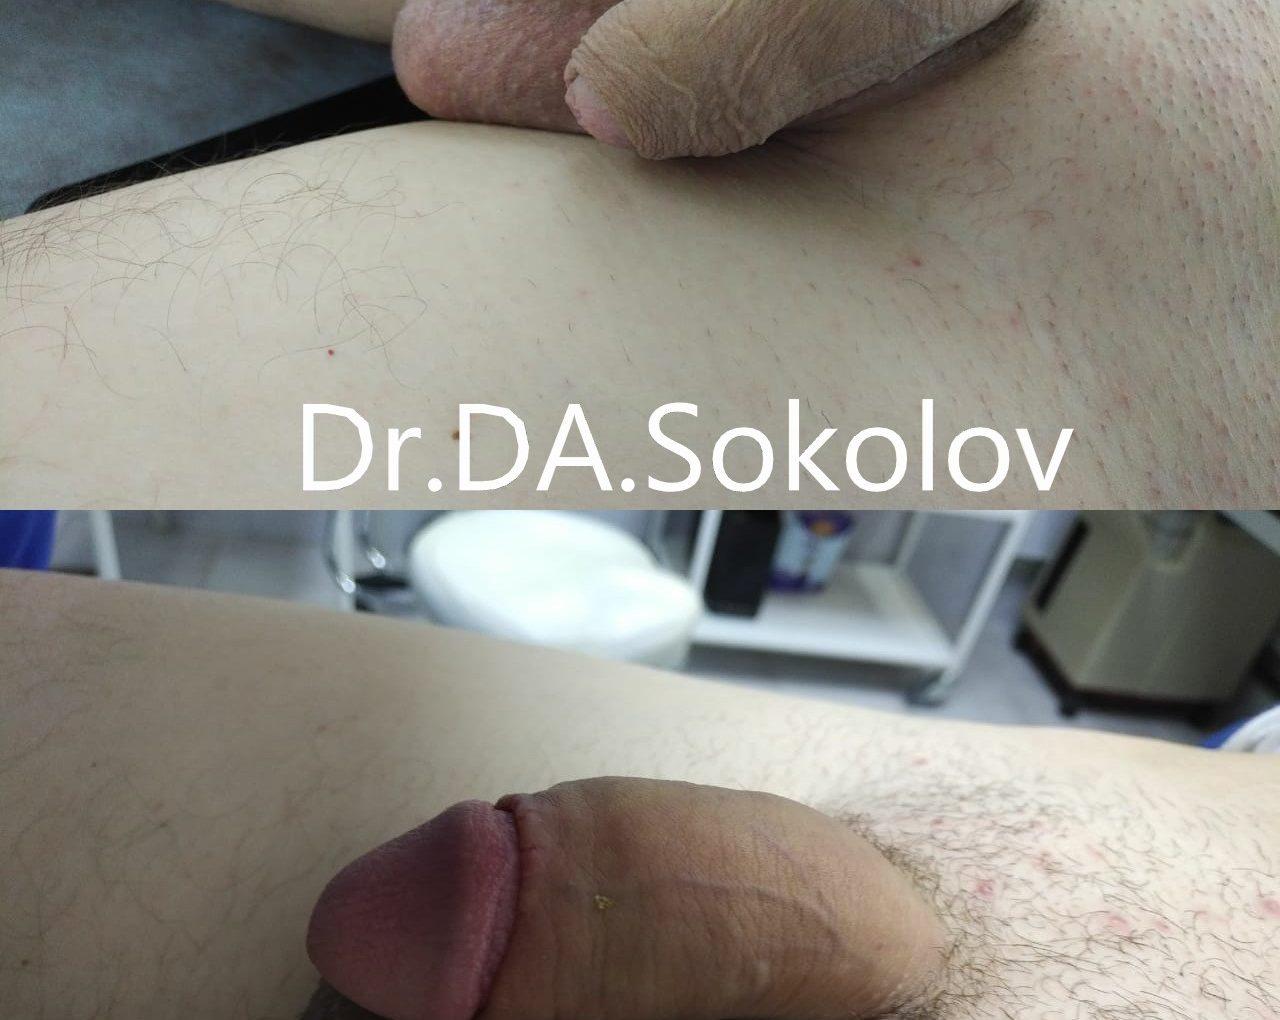 Обрезание крайней плоти для продления полового акта